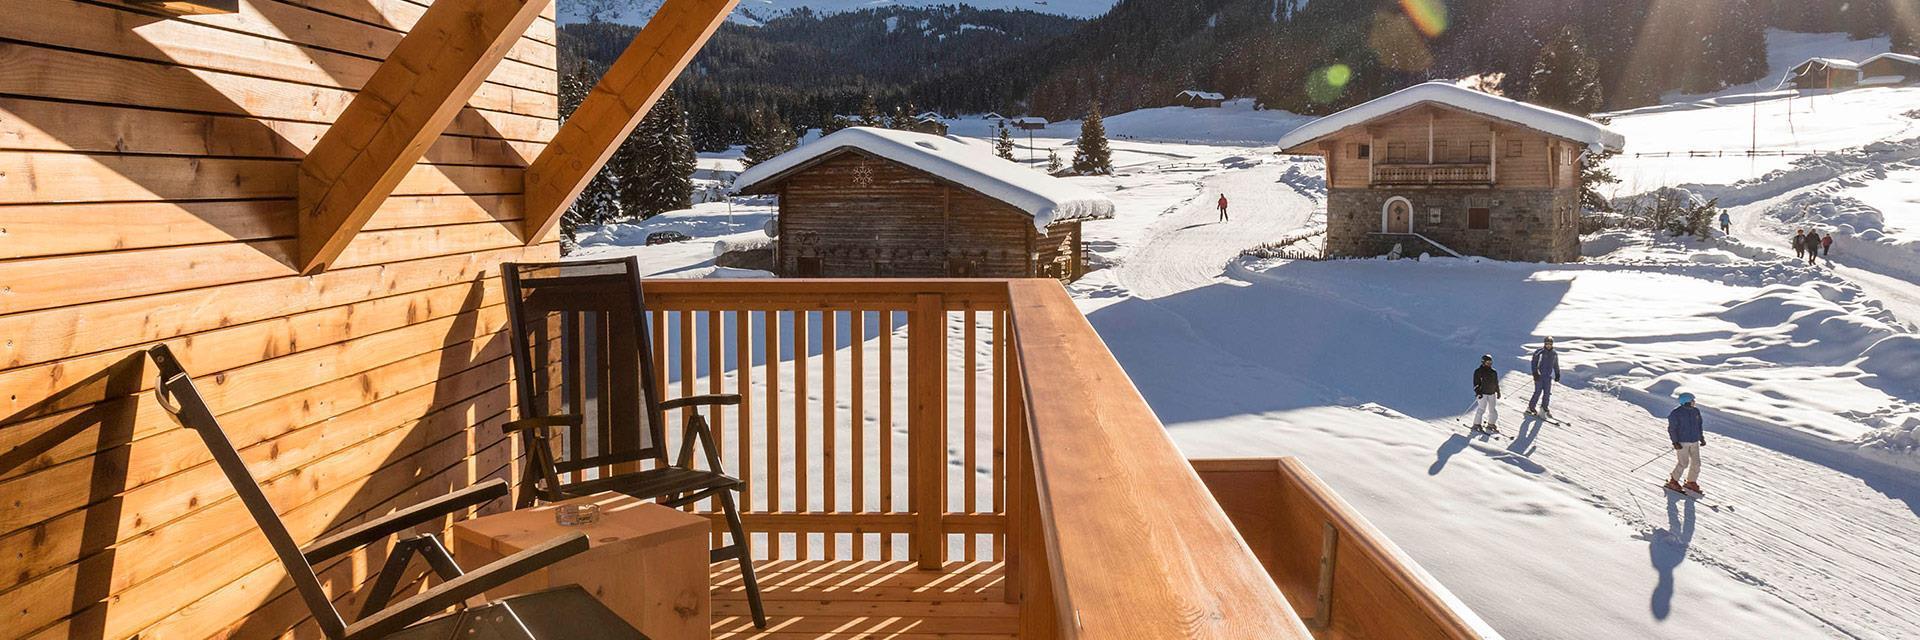 Hotel con piscina esterna e interna all alpe di siusi benessere wellness - Hotel alpe di siusi con piscina ...